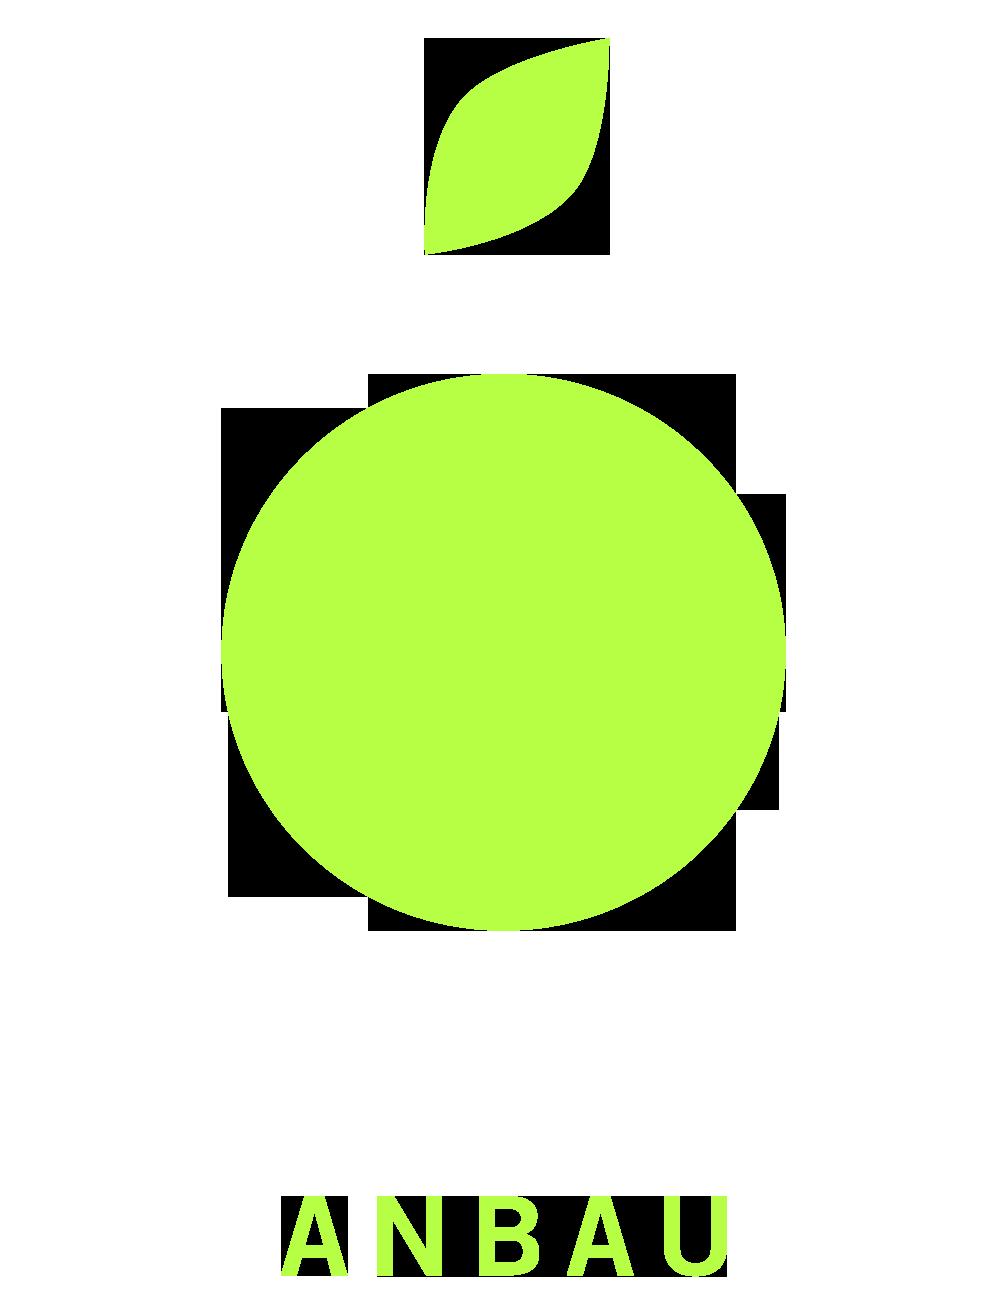 Fresh + Friends - Frischekonzept - Anbau Icon mit Text grün